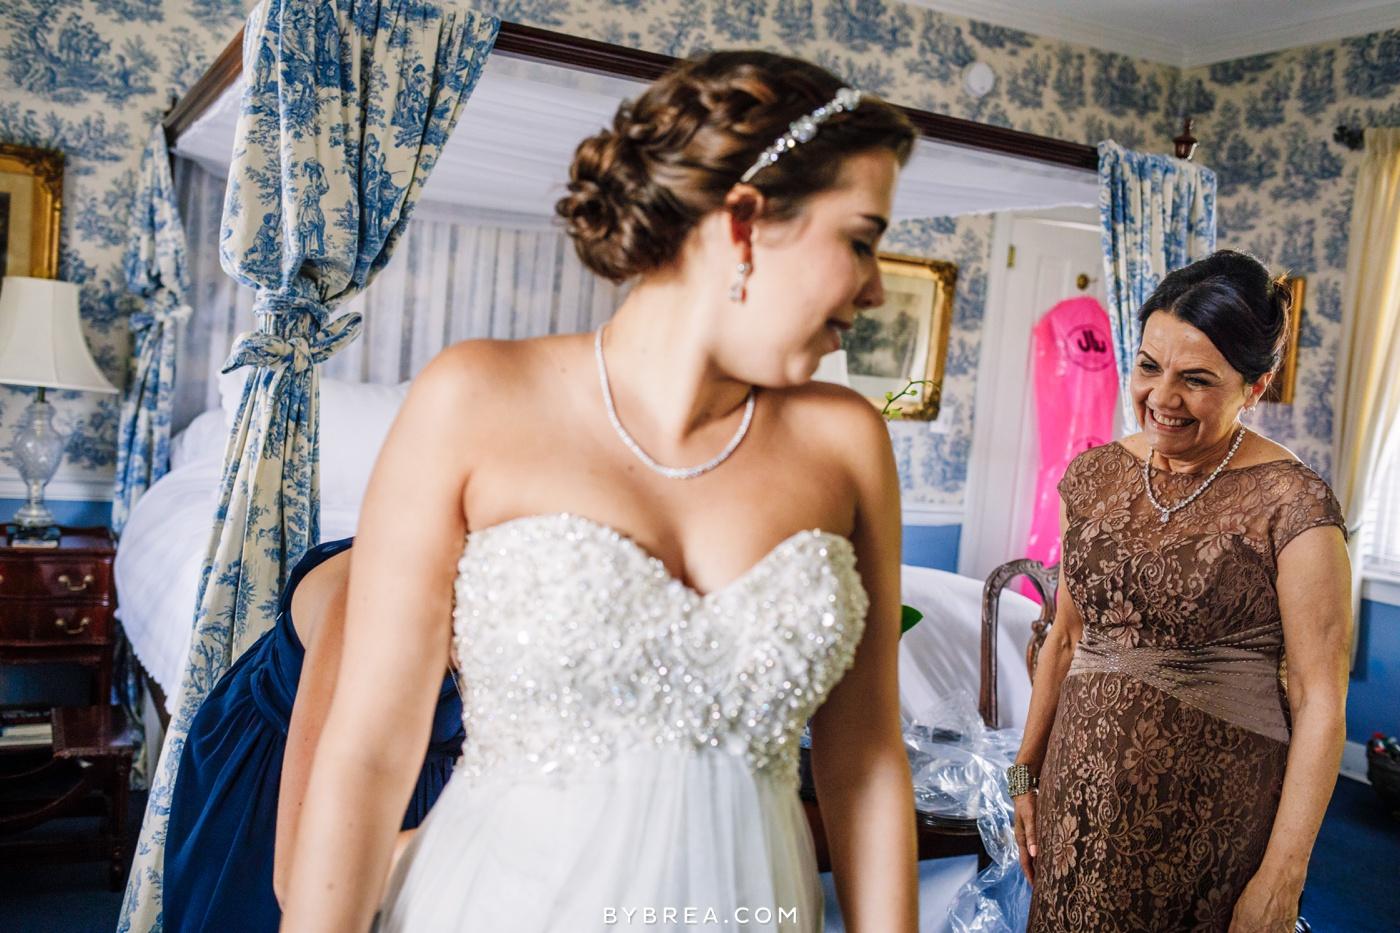 alyssa-richie-antrim-1844-wedding-photos_1608